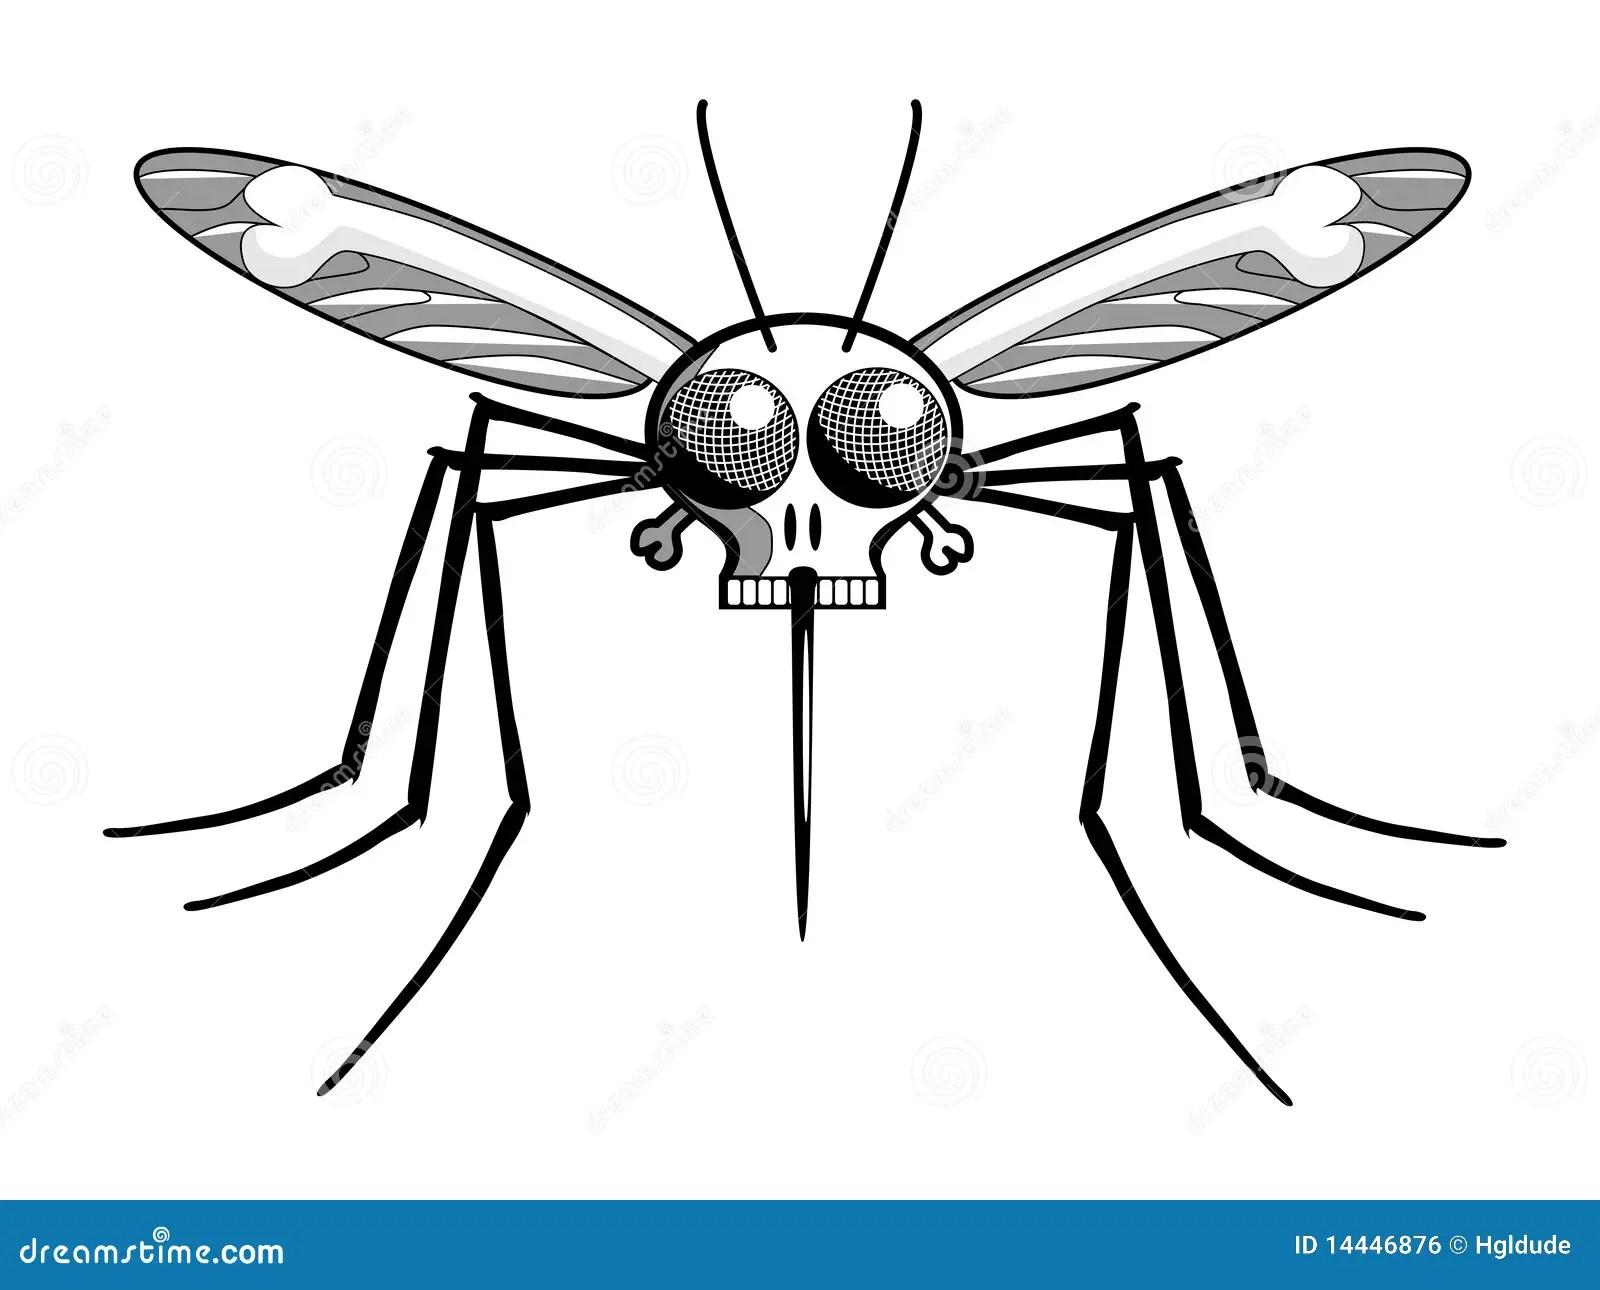 Hoofd De Malariamug Van Sterfgevallen Vector Illustratie